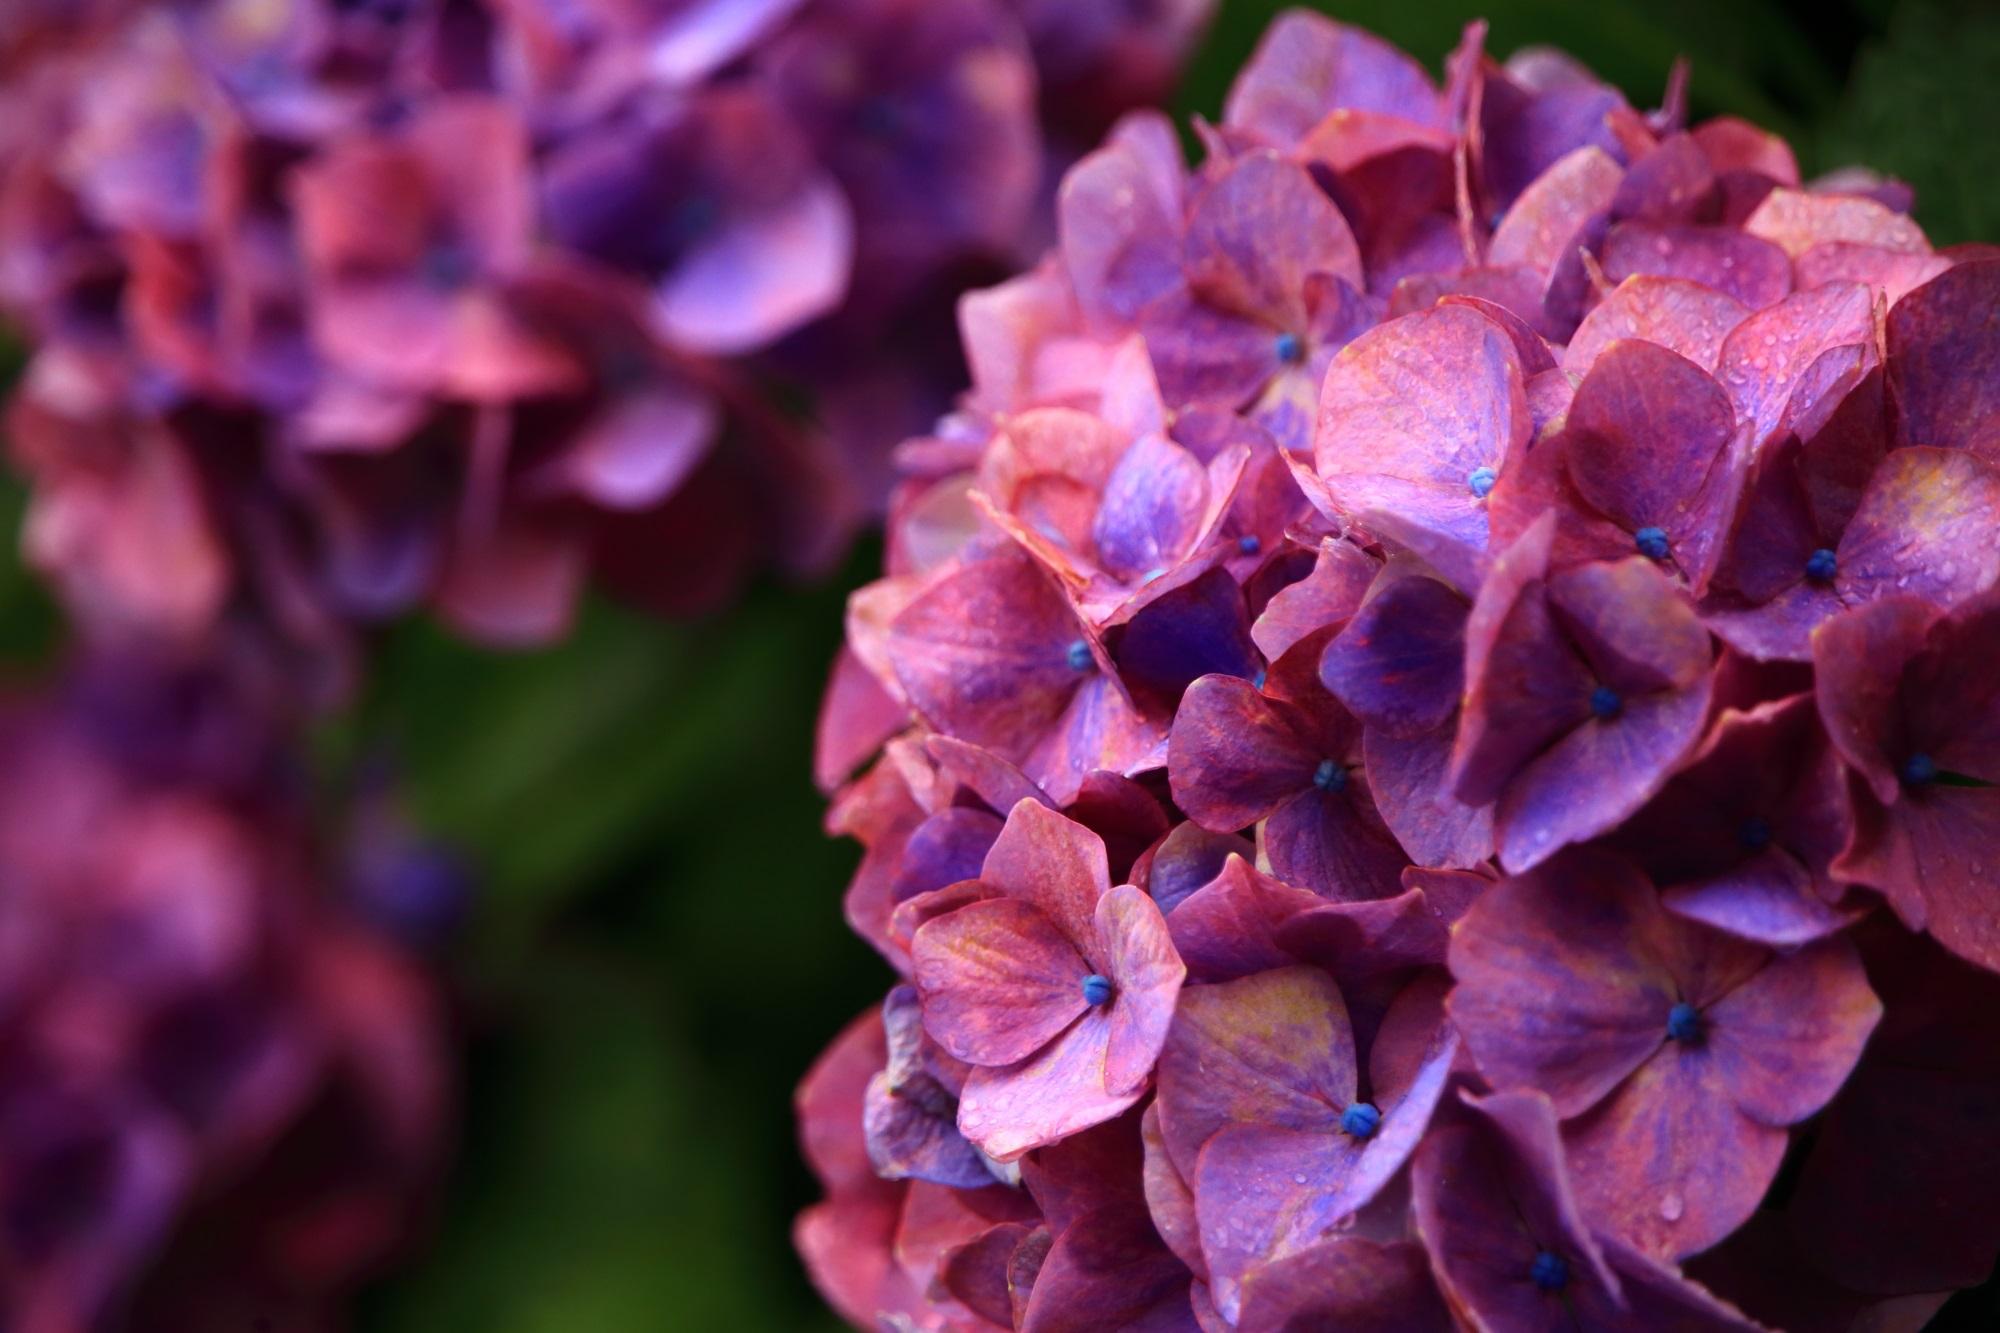 雨に濡れて煌く鮮やかな紫陽花